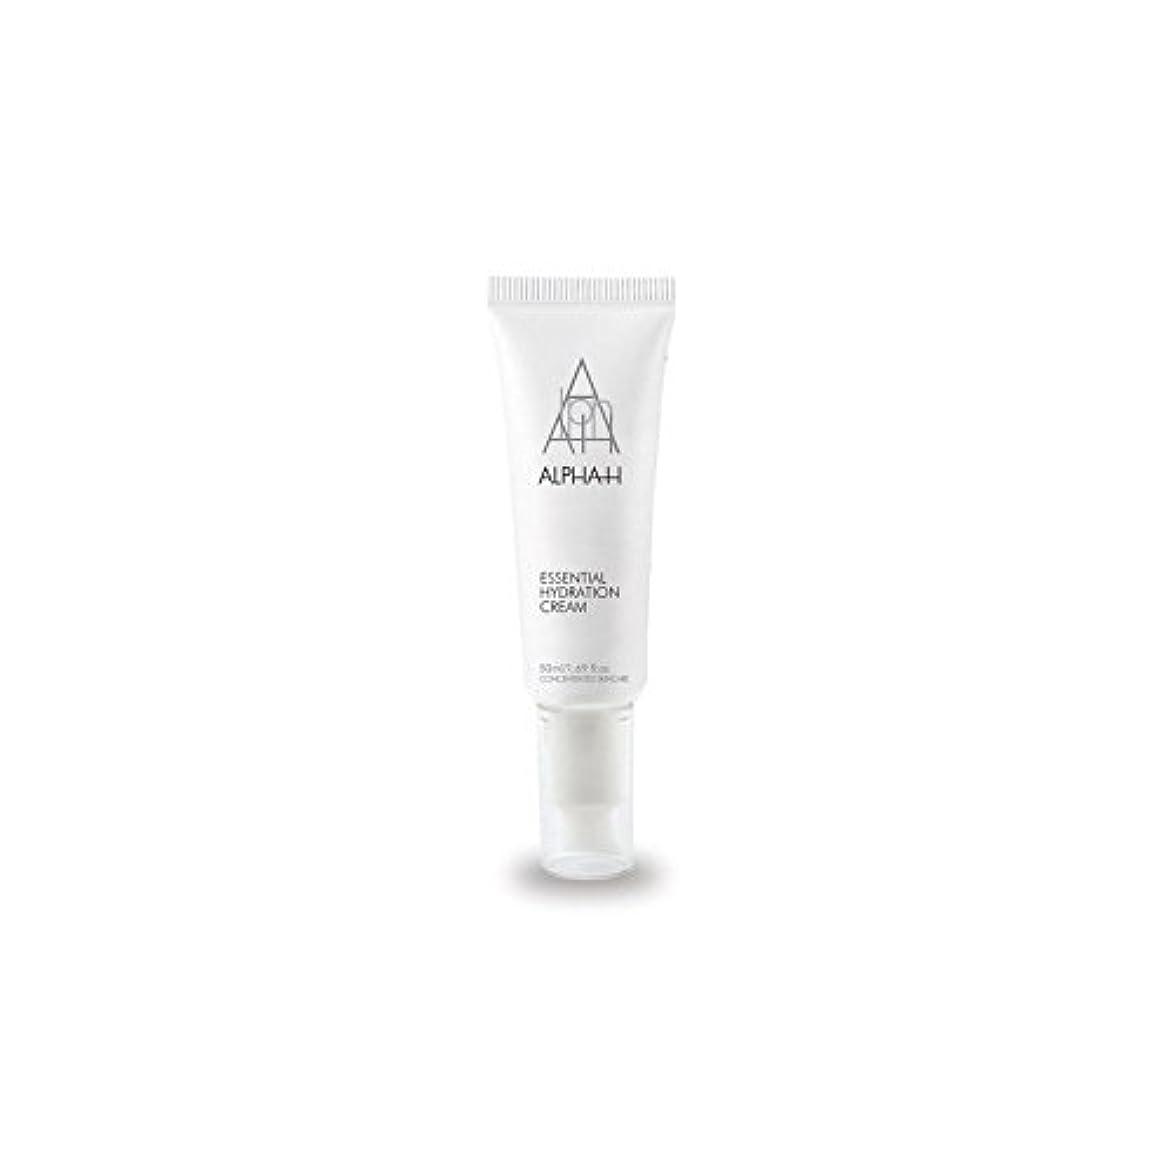 店員犯罪動力学Alpha-H Essential Hydration Cream (50ml) - アルファ必須水和クリーム(50)中 [並行輸入品]